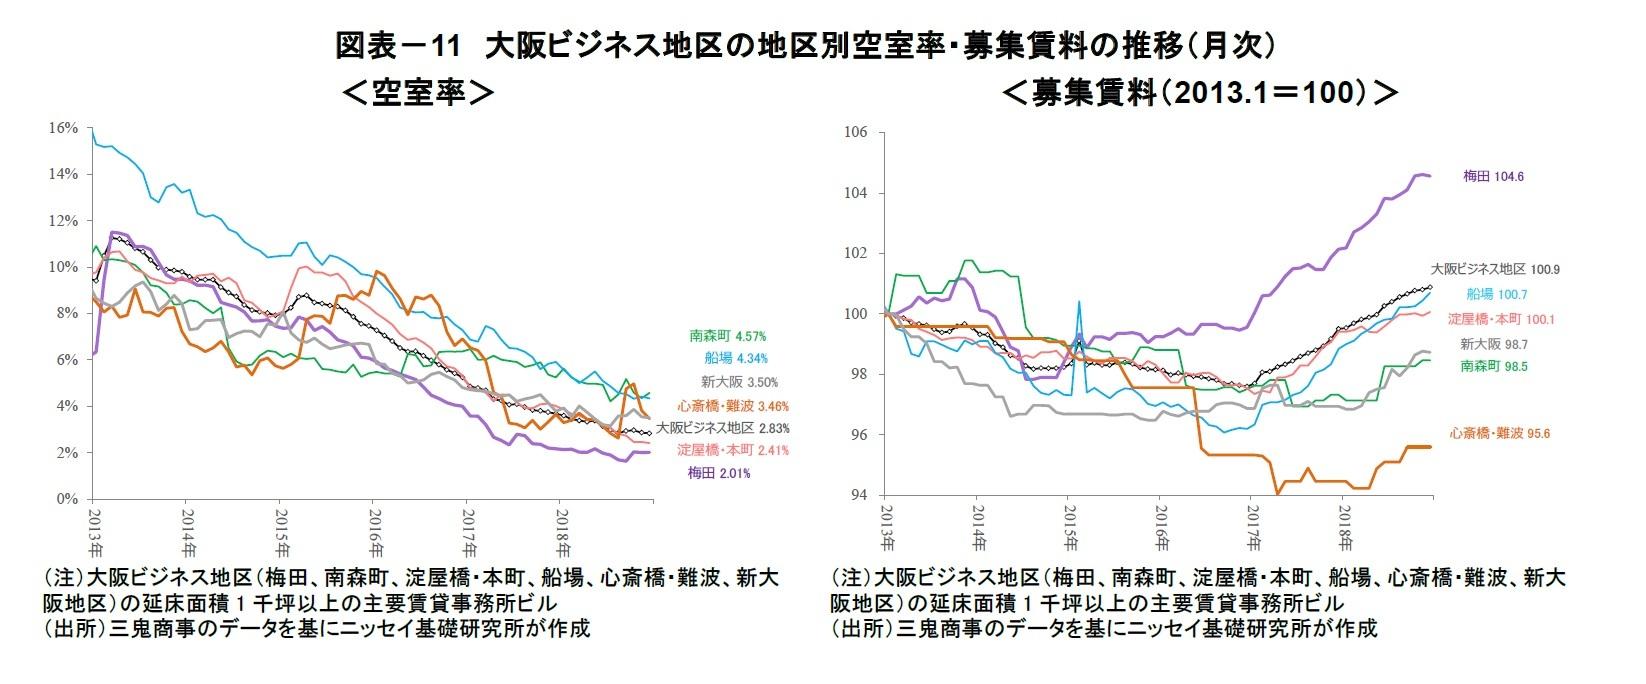 図表-11 大阪ビジネス地区の地区別空室率・募集賃料の推移(月次)